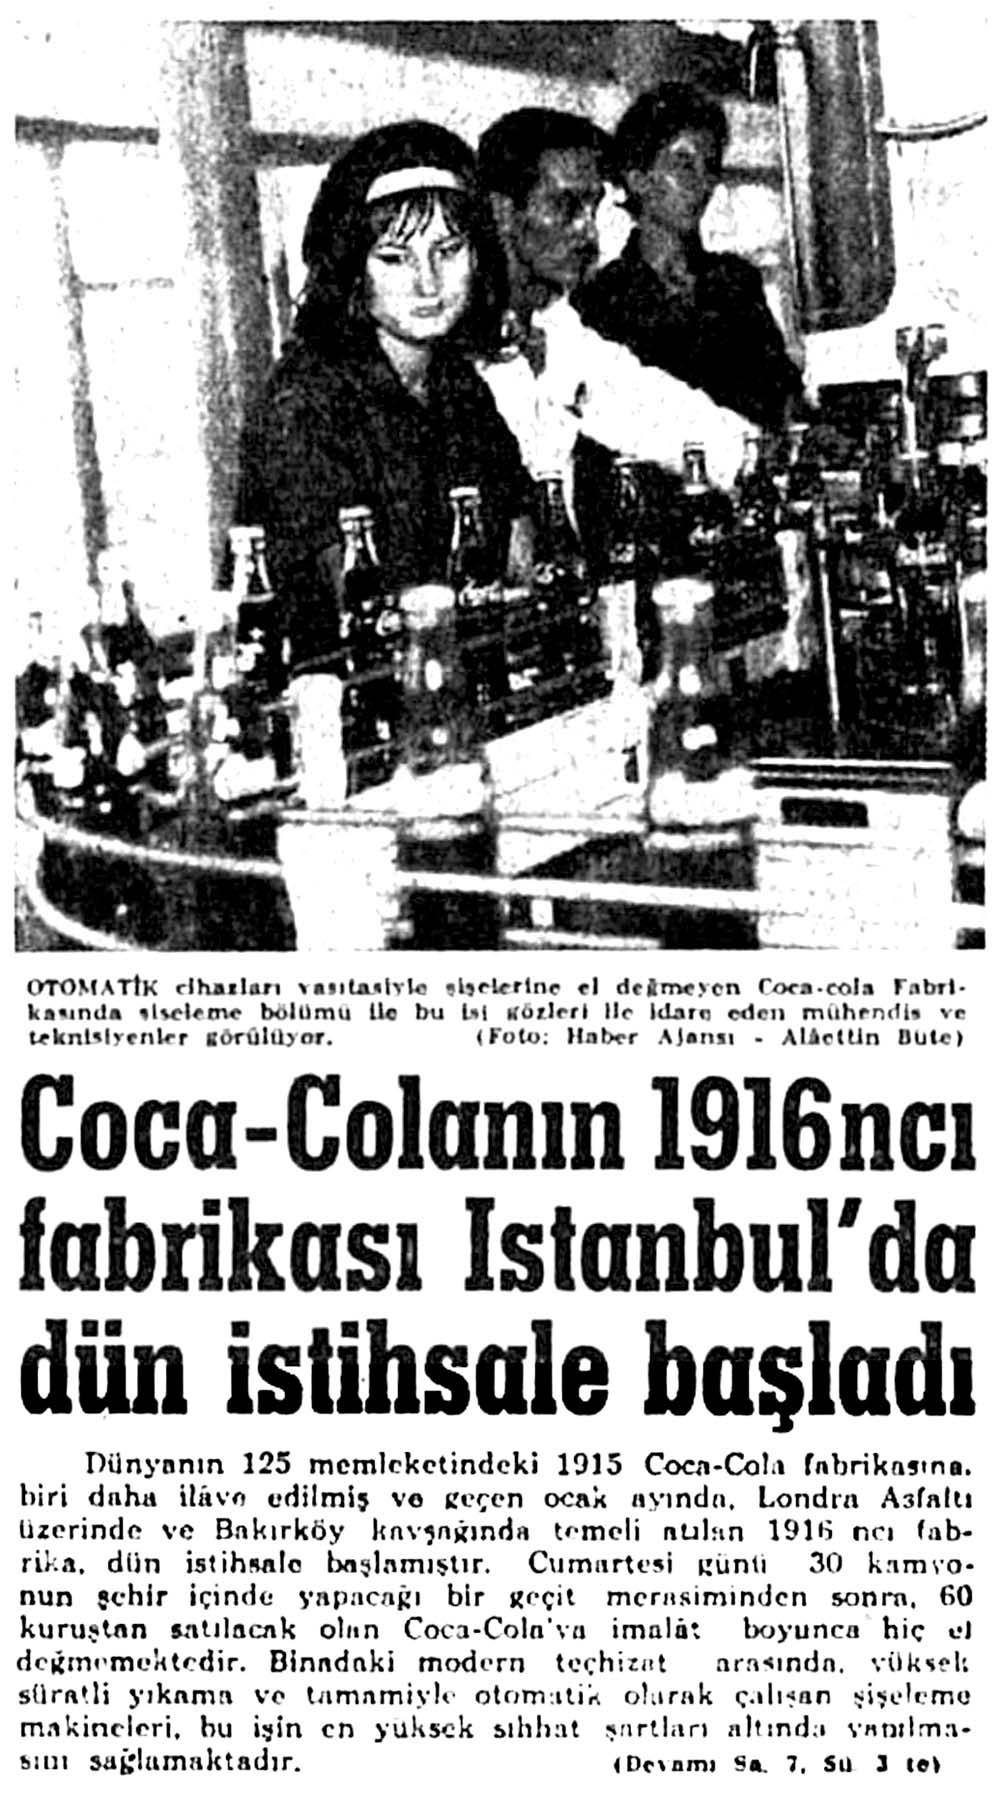 Coca-Colanın 1916ncı fabrikası İstanbul'da dün istihsale başladı